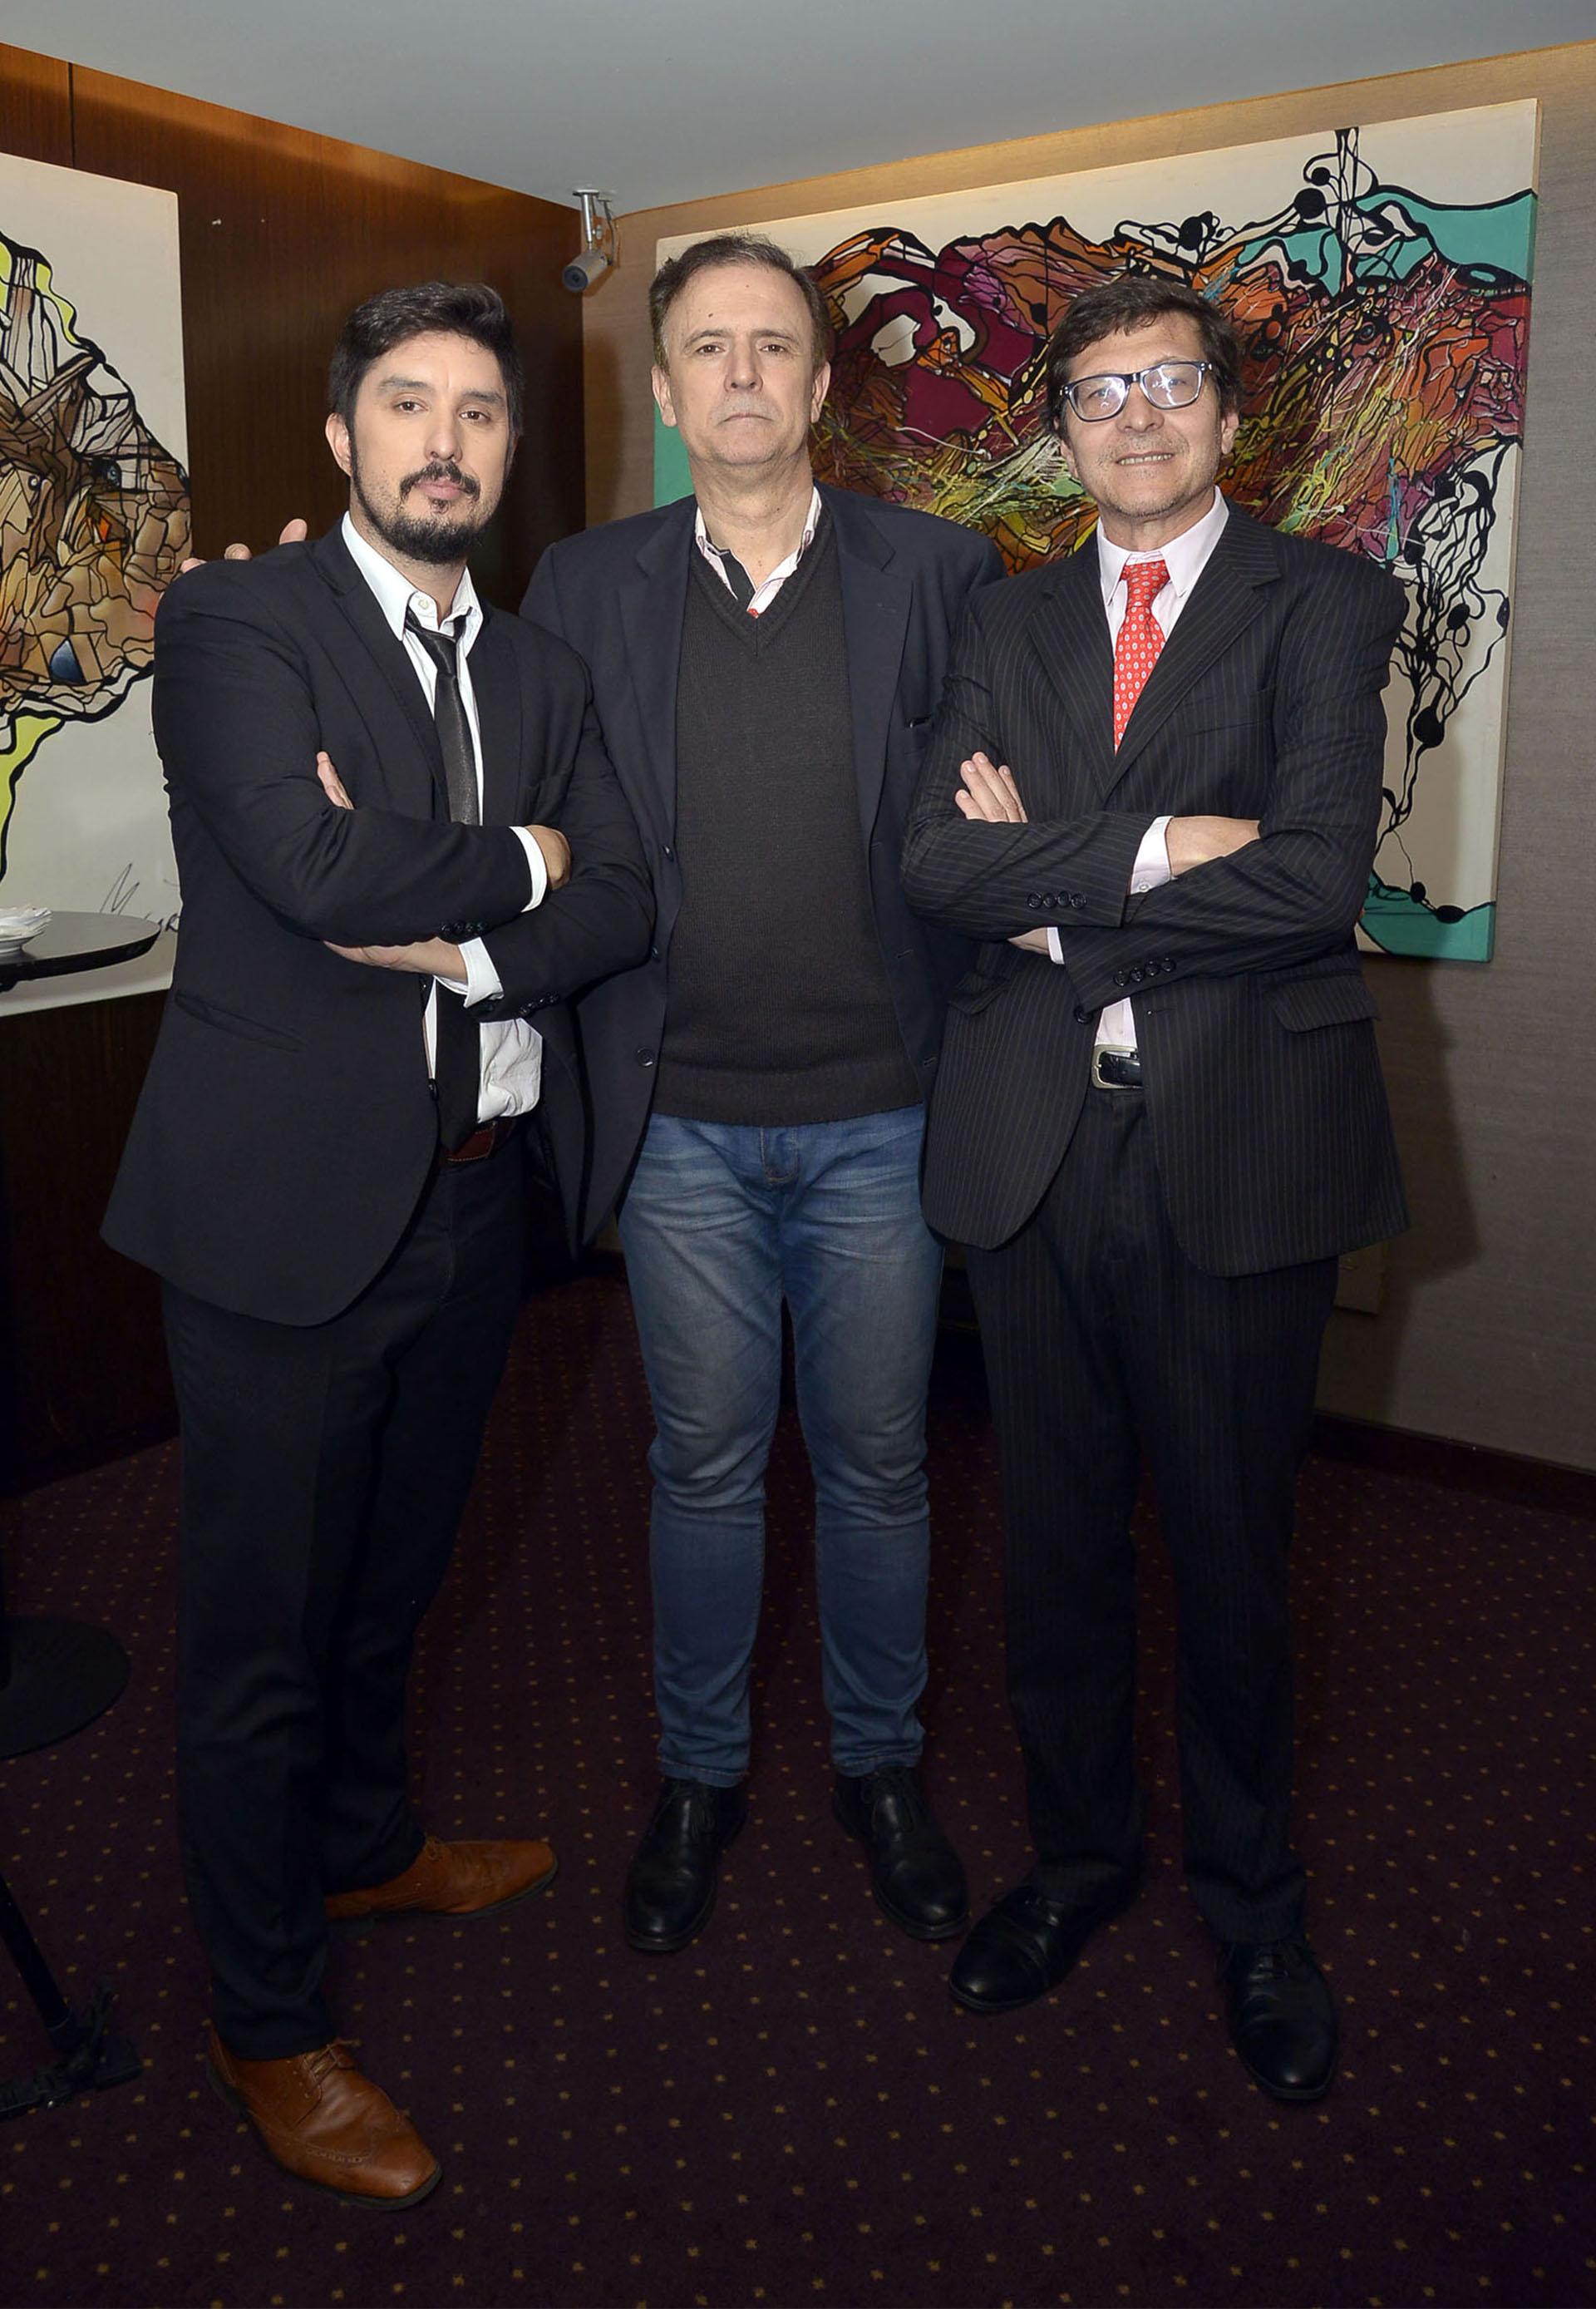 Los periodistas Lucas Morando y Daniel Santoro